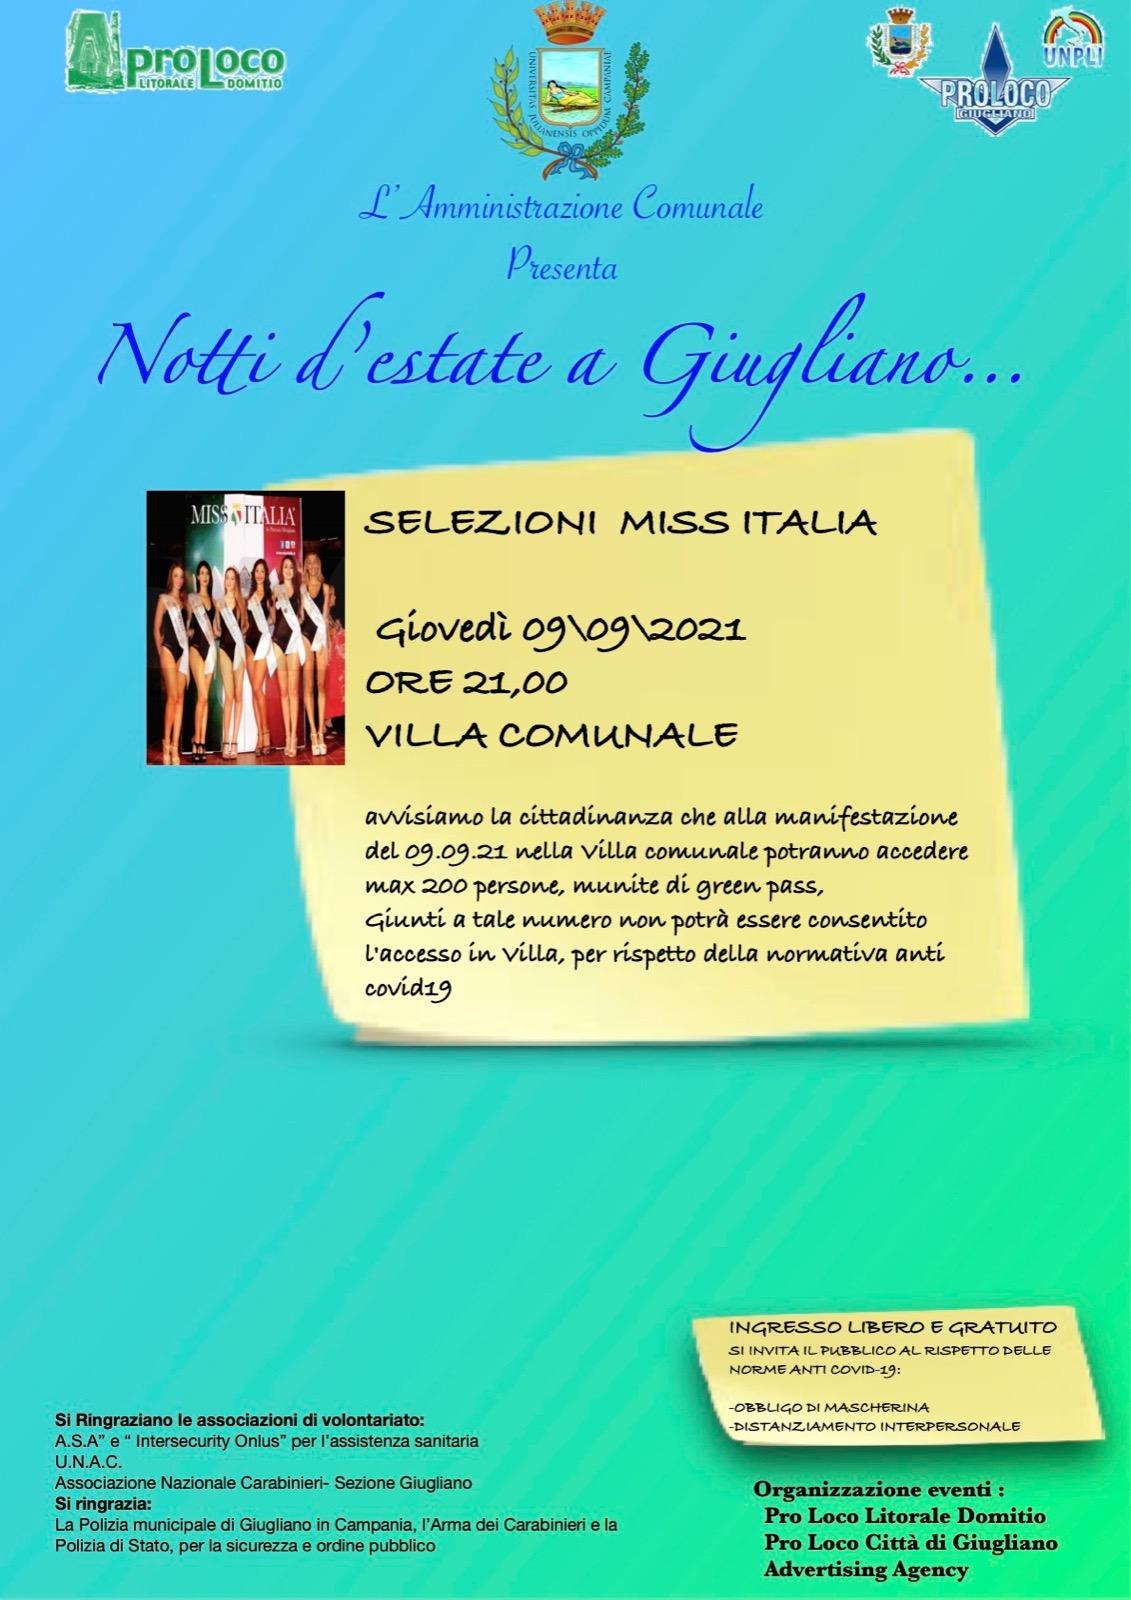 SELEZIONI MISS ITALIA A GIUGLIANO